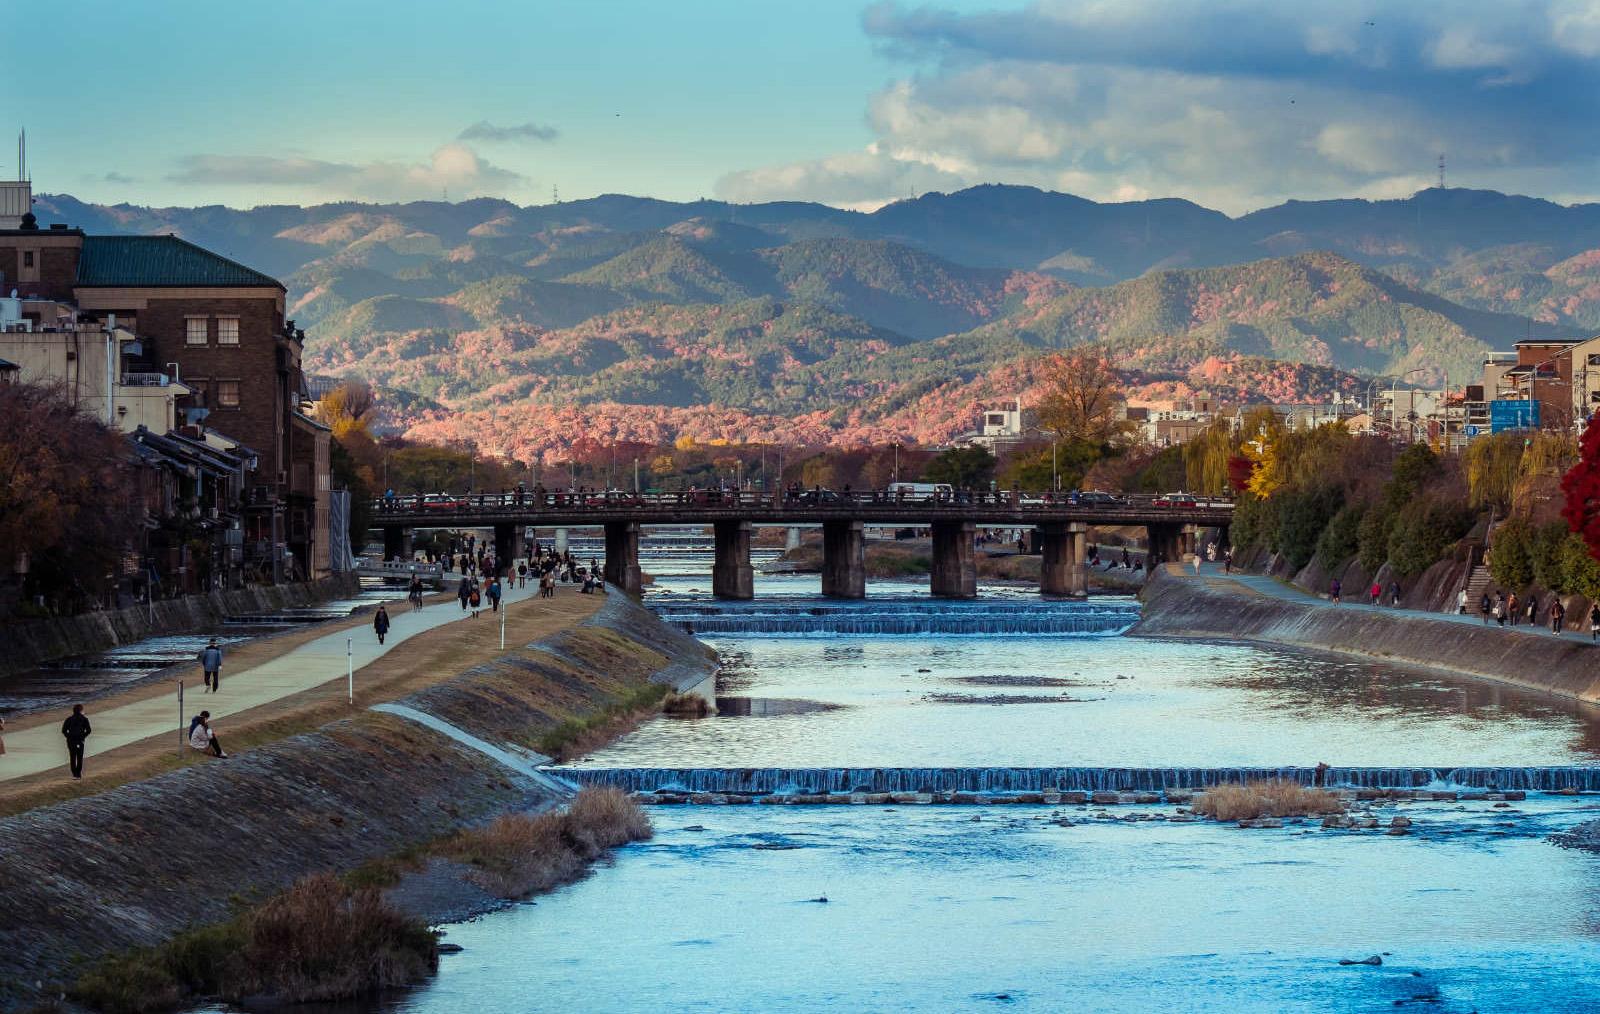 中国人游日本摄影大赛作品:鸭川掠影